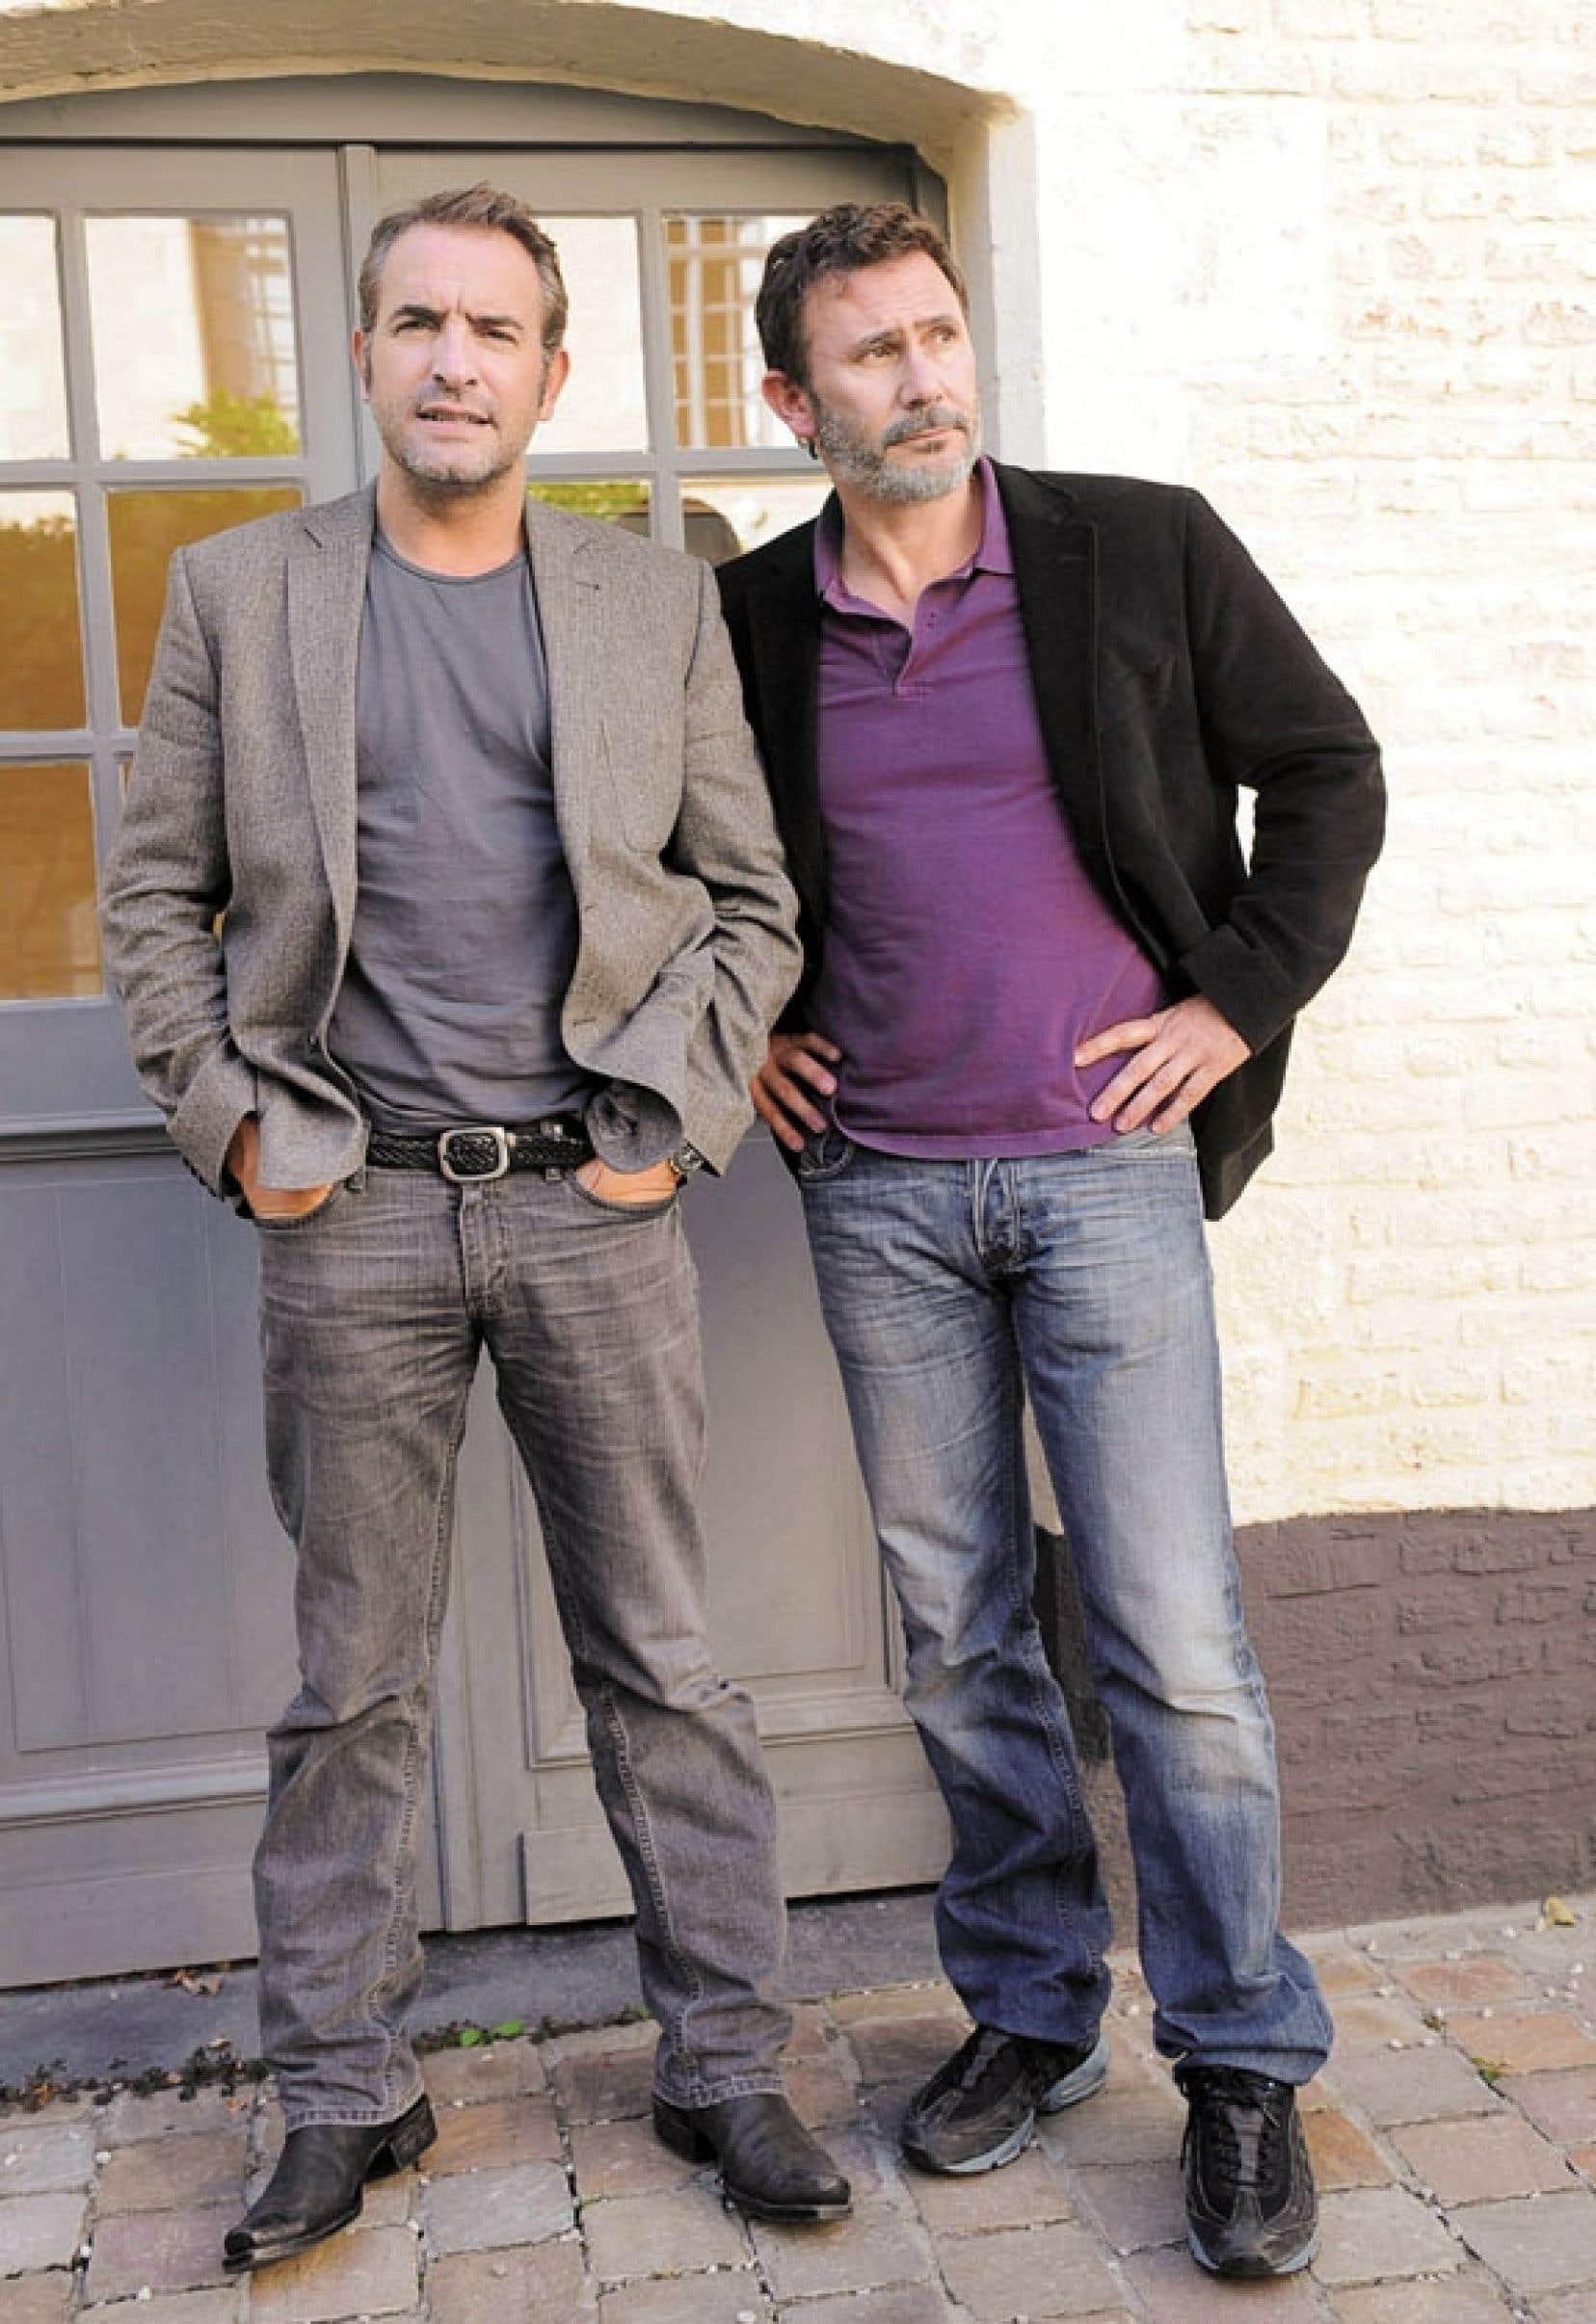 Le président de la Société civile des auteurs, réalisateurs et producteurs, le cinéaste Michel Hazanavicius (à droite), en compagnie d'une grosse pointure du cinéma français, Jean Dujardin, se prononce sur les salaires des stars hexagonales.